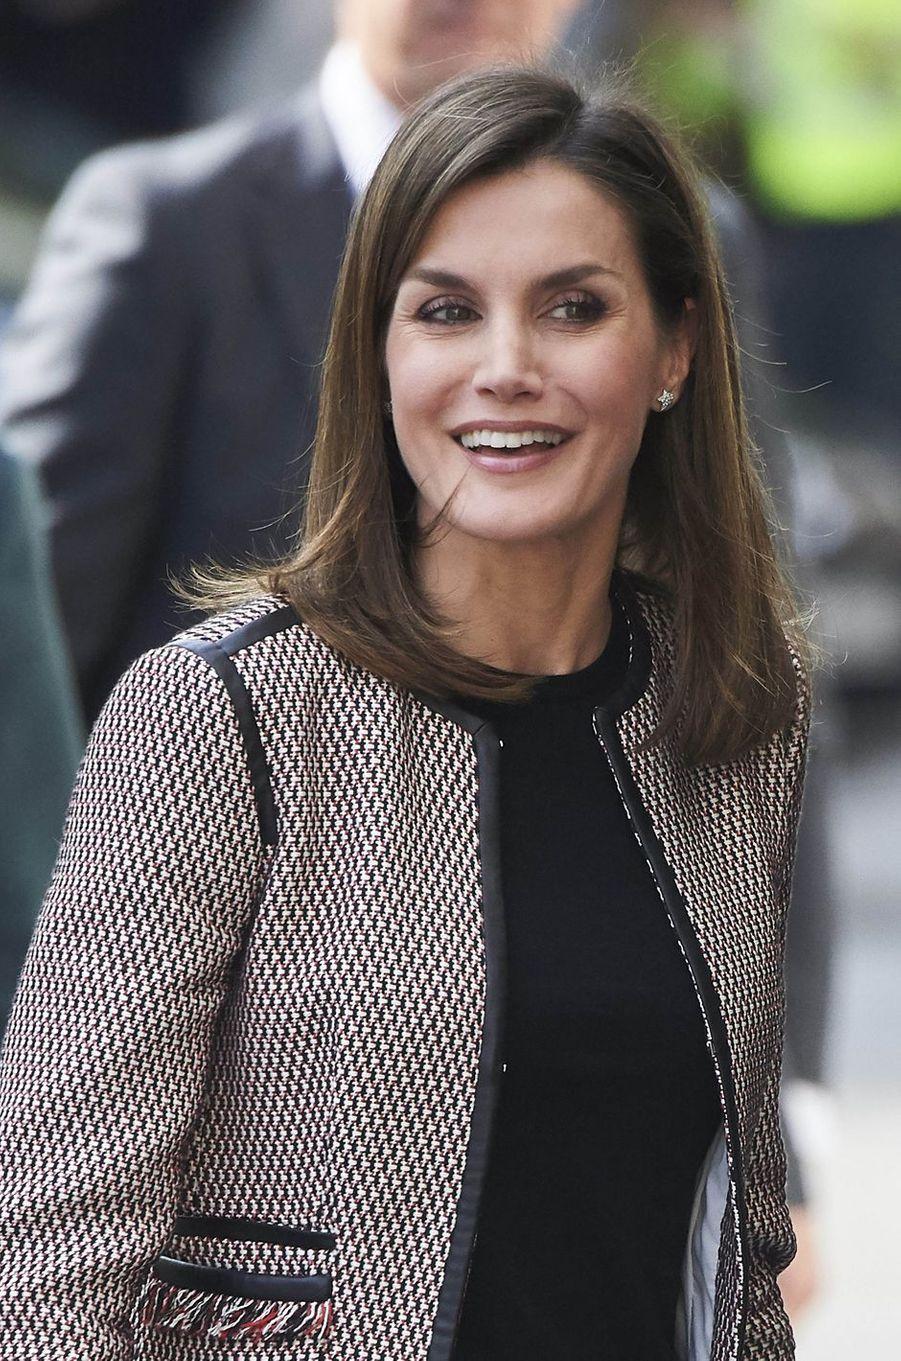 La reine Letizia d'Espagne très souriante à Madrid, le 5 avril 2018